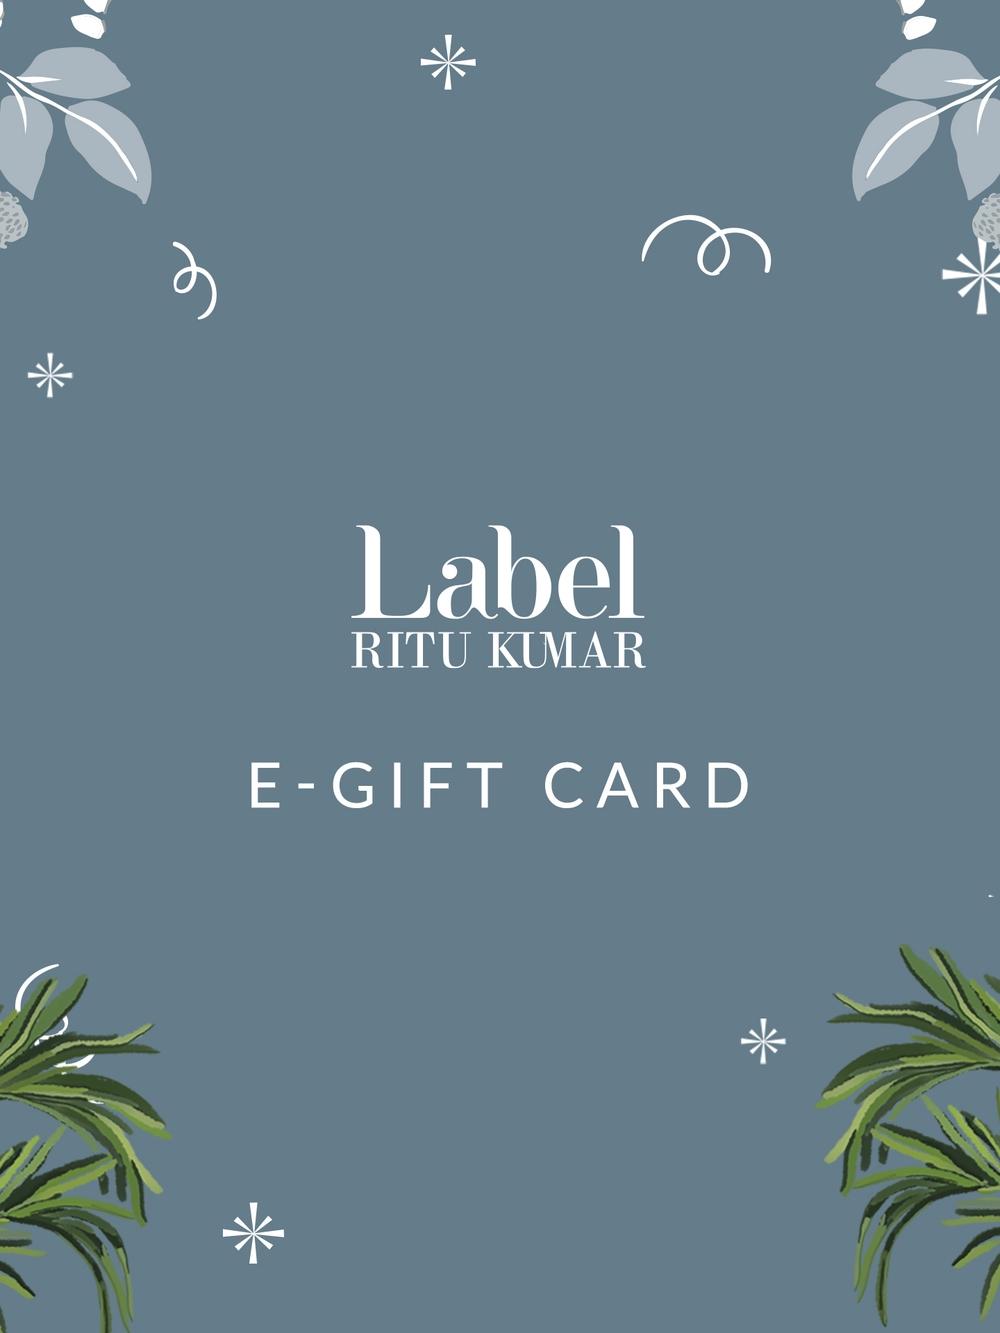 Label Ritu Kumar eGift Card